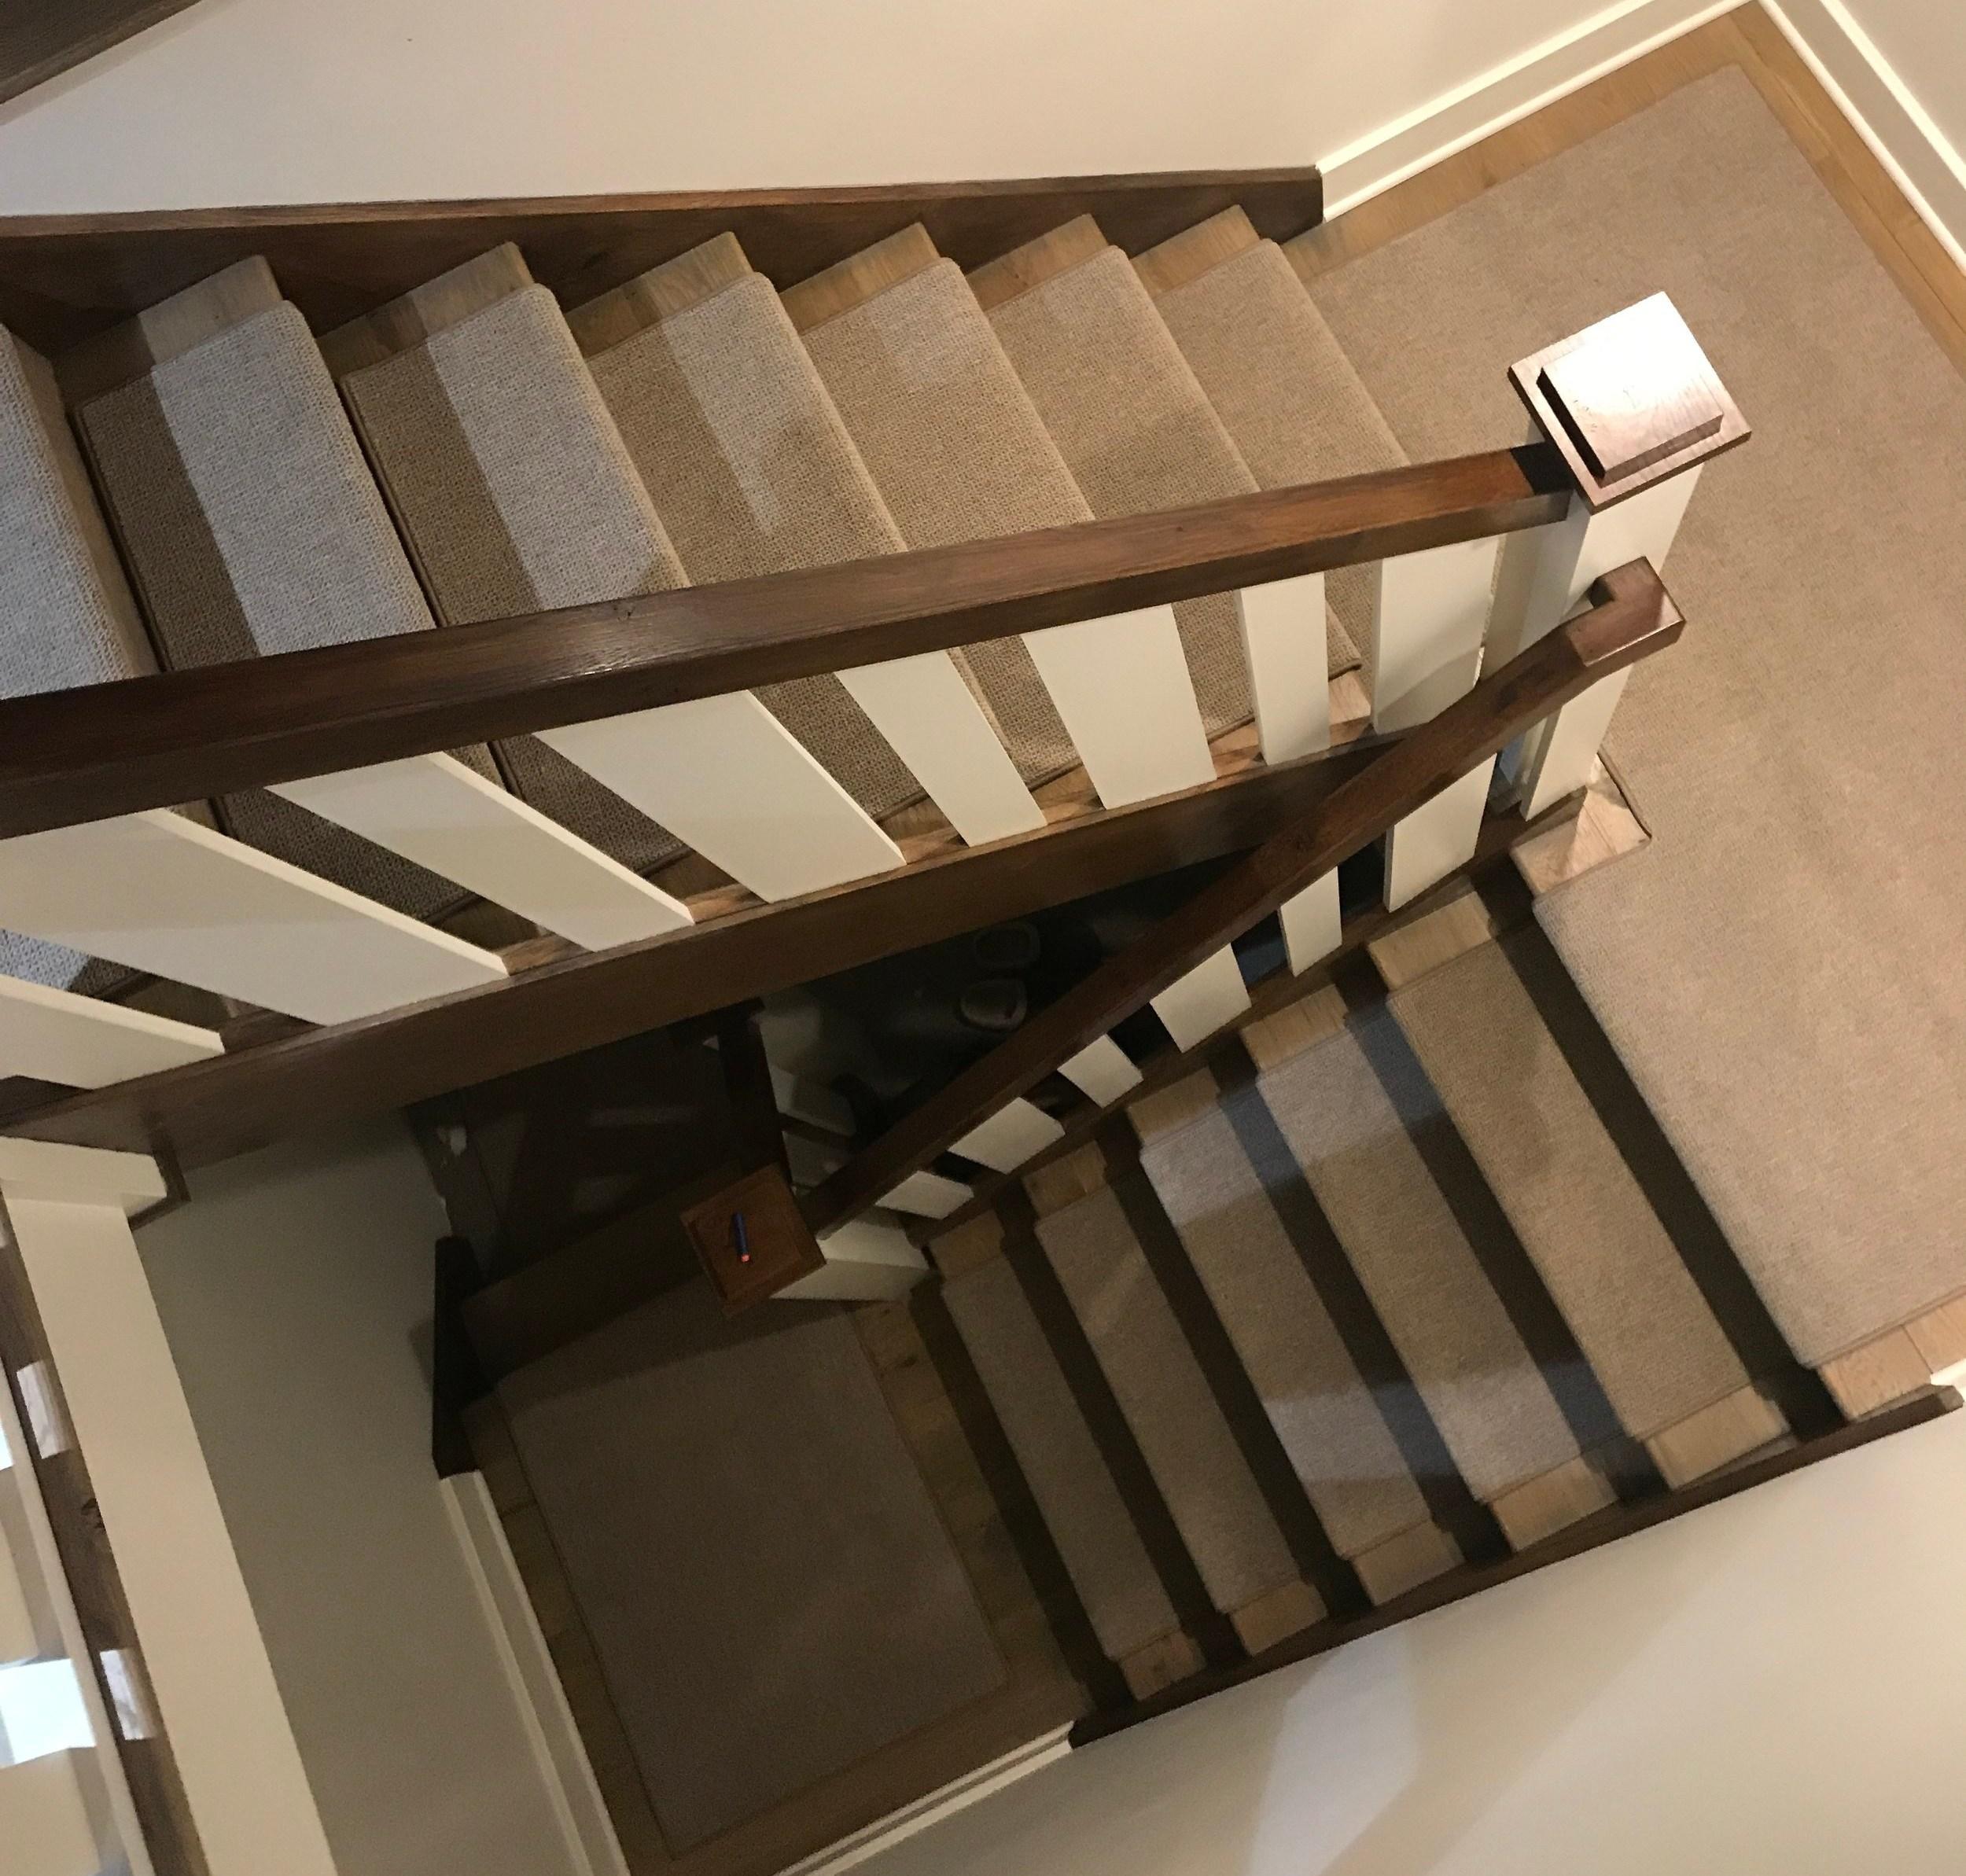 Indoor Carpet Stair Treads Oak Valley Designs   Wool Carpet Stair Treads   Zealand Wool   Bullnose Padded   Flooring   Plush Carpet   Cat Pet